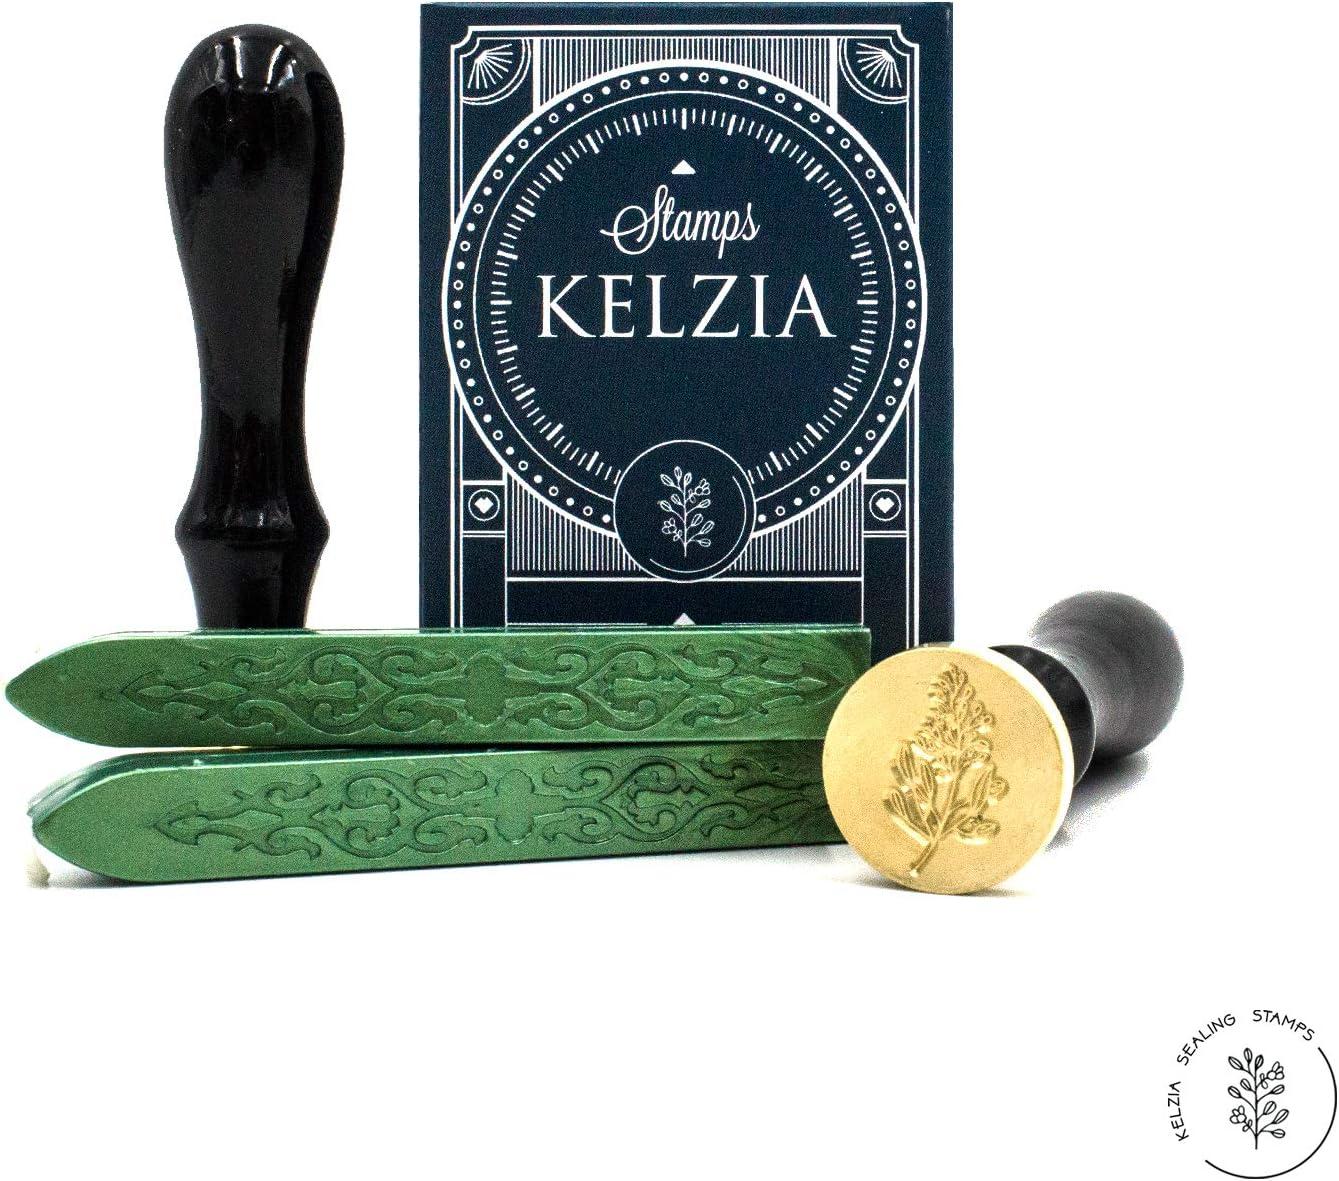 Kelzia Kit de Sello de Cera - Cera de Sellado para Lacrar - 1 Sello de Láton Retro y 2 Piezas de Lacre con Mecha (ESMERALDA)